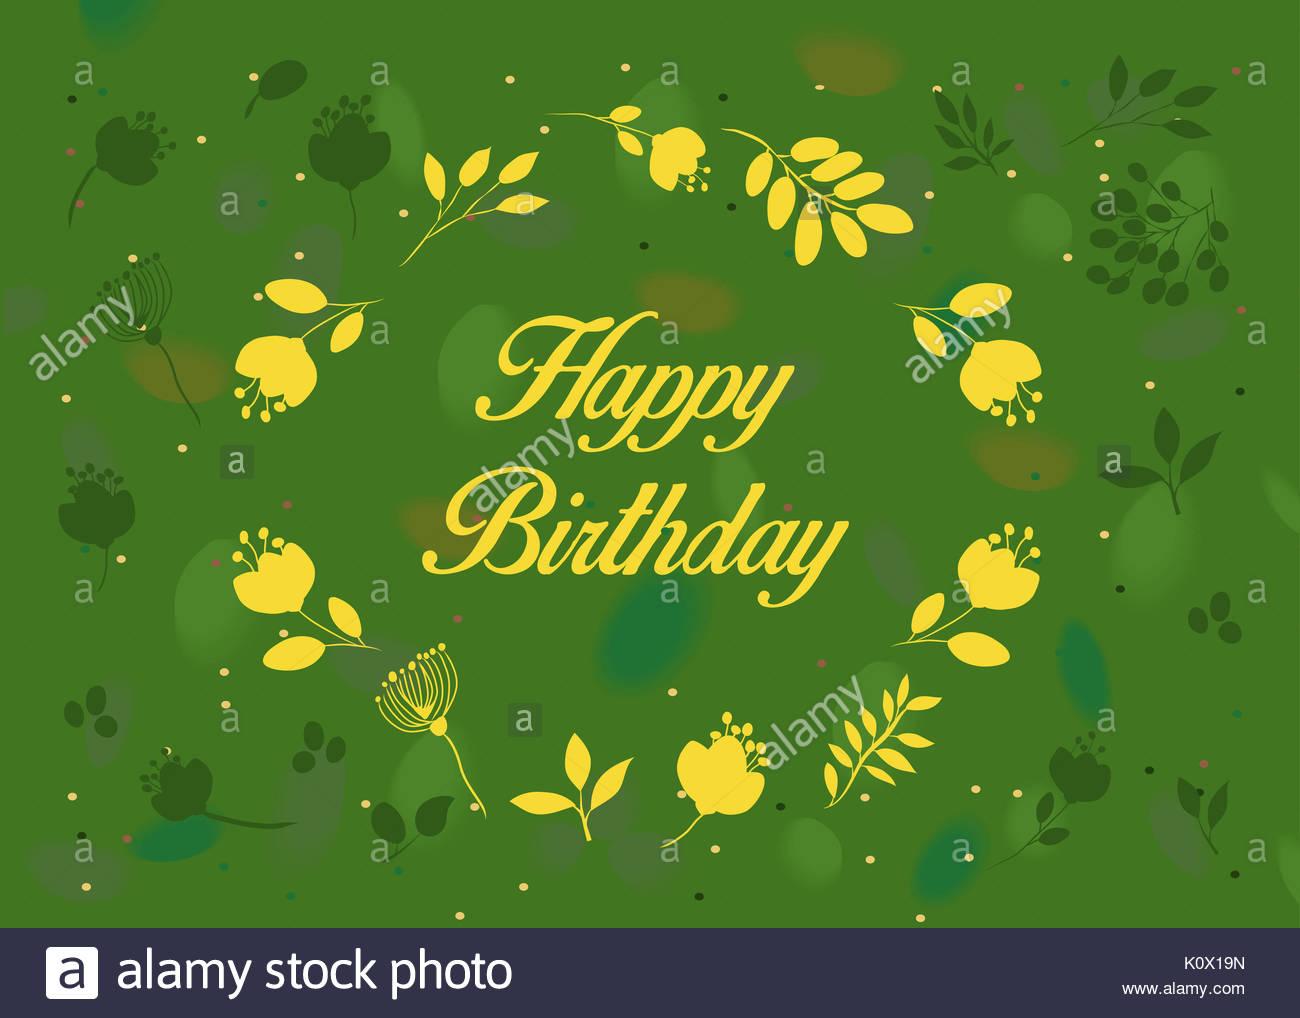 Alles Gute Zum Geburtstag Blumen Grusskarte Gruner Hintergrund Mit